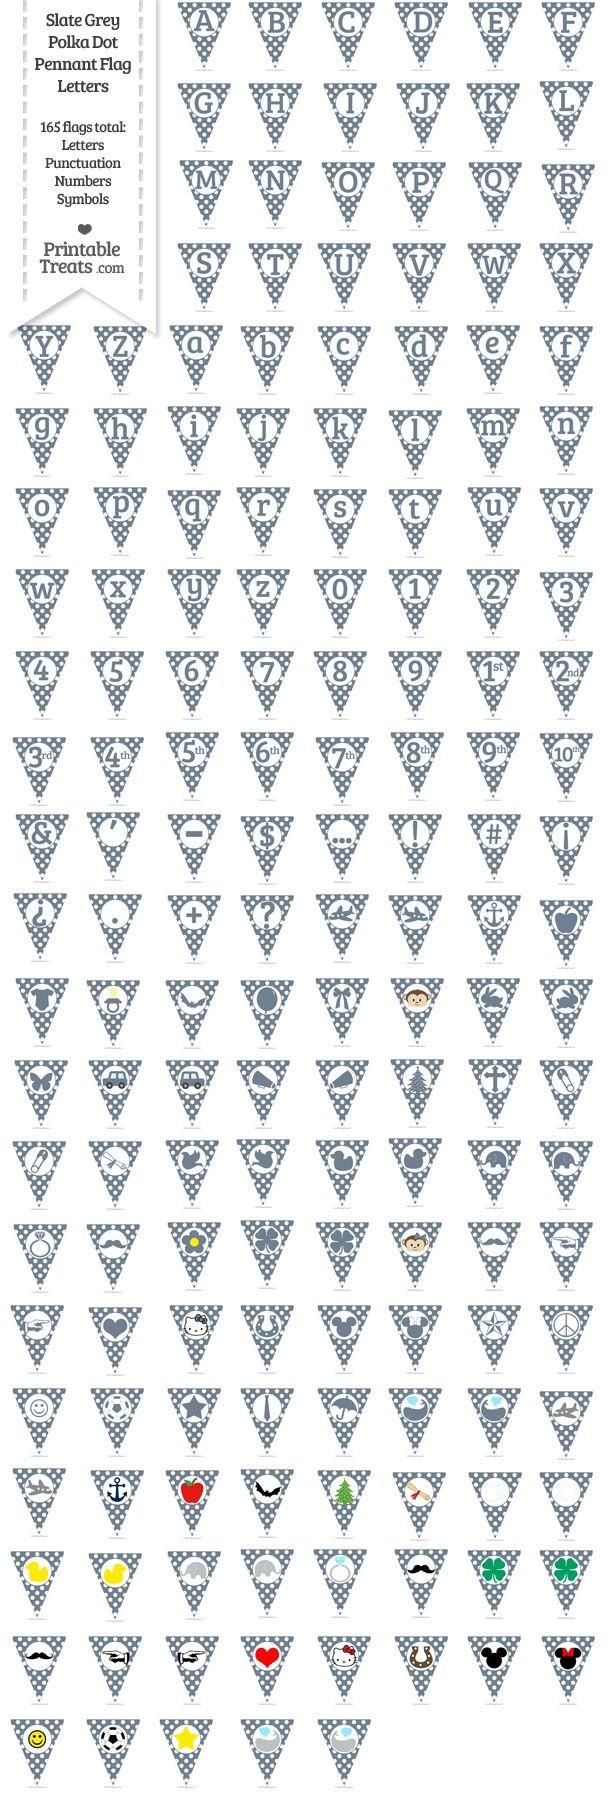 165 Slate Grey Polka Dot Pennant Flag Letters Password